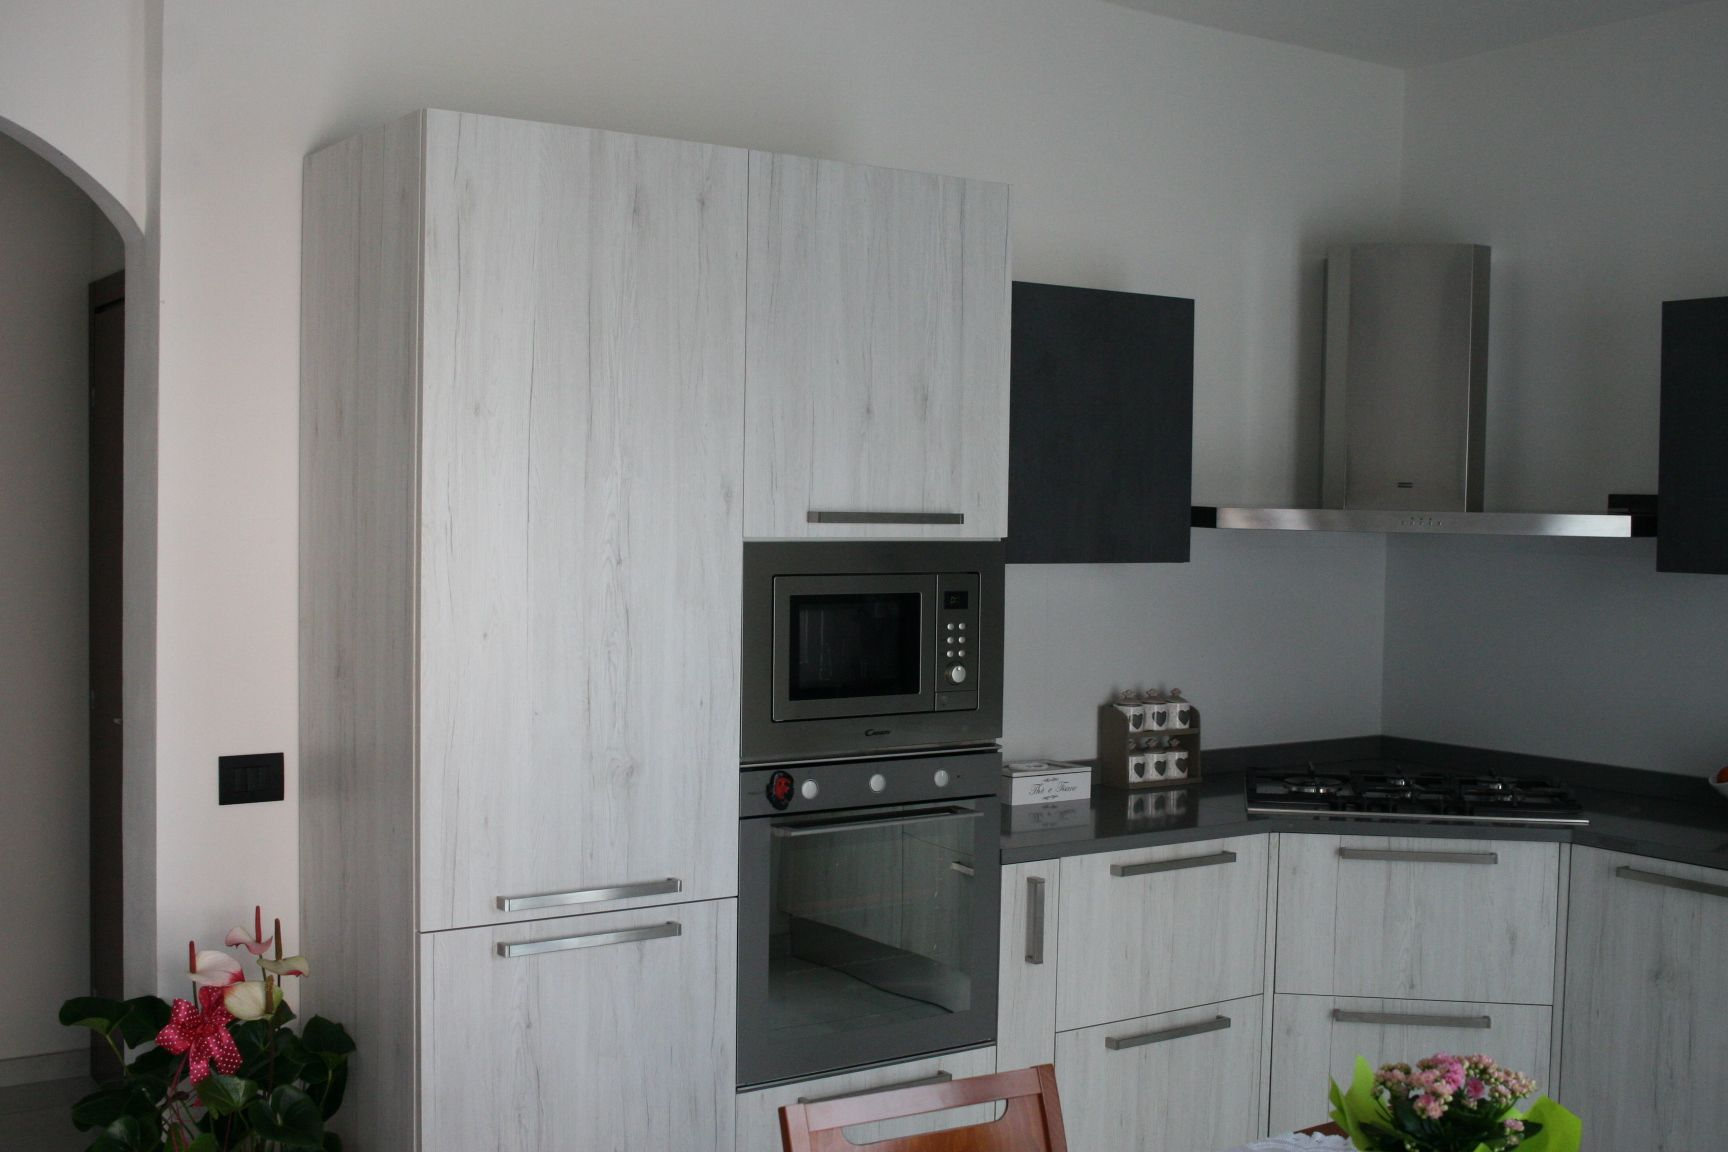 Cucina - Gentili - Time - melaminico bianco nodato cemento ...